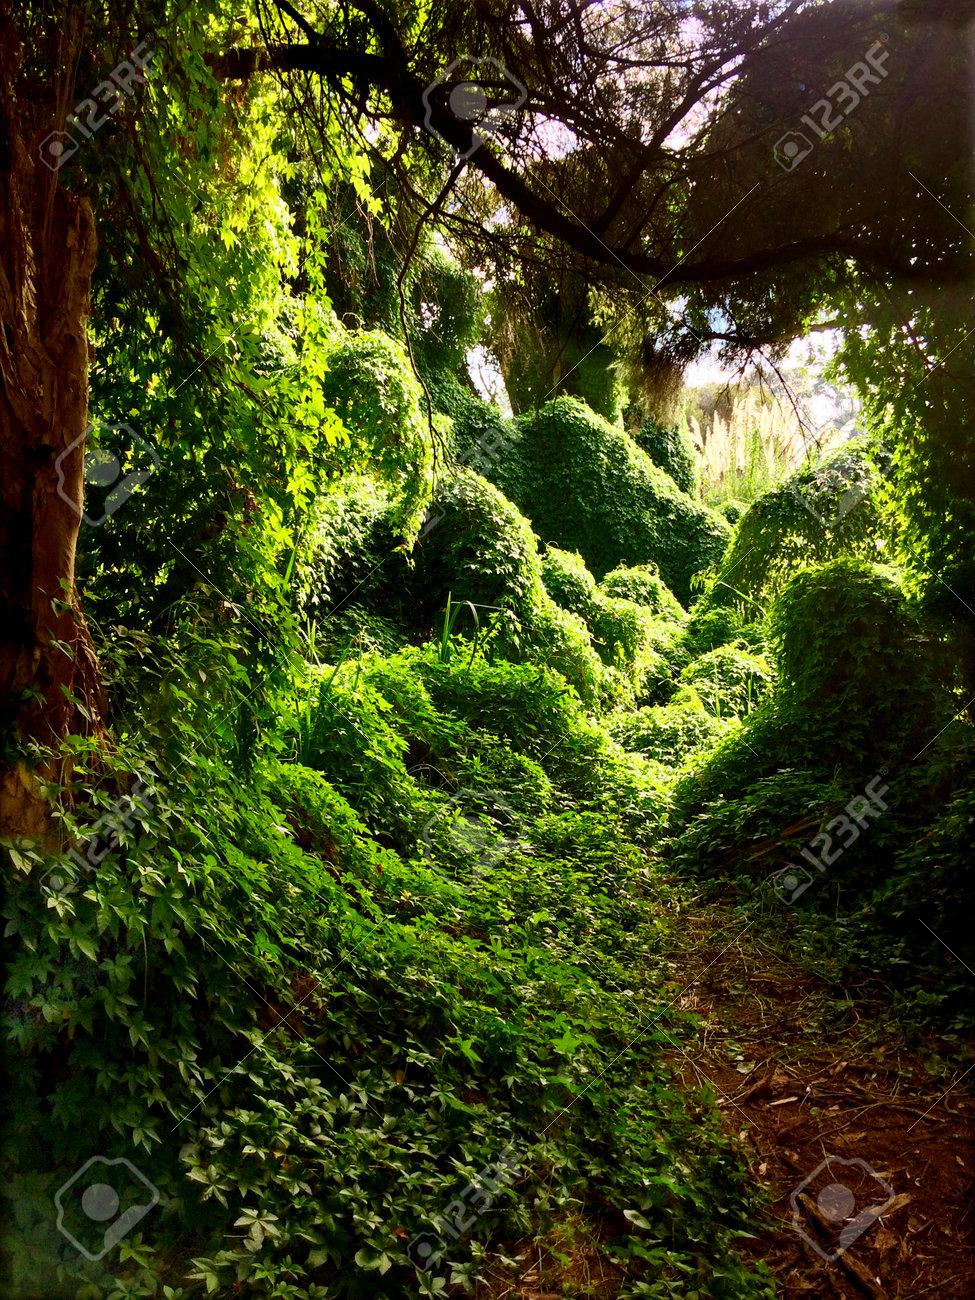 Tropical rain forest secret garden landscape. - 168379612